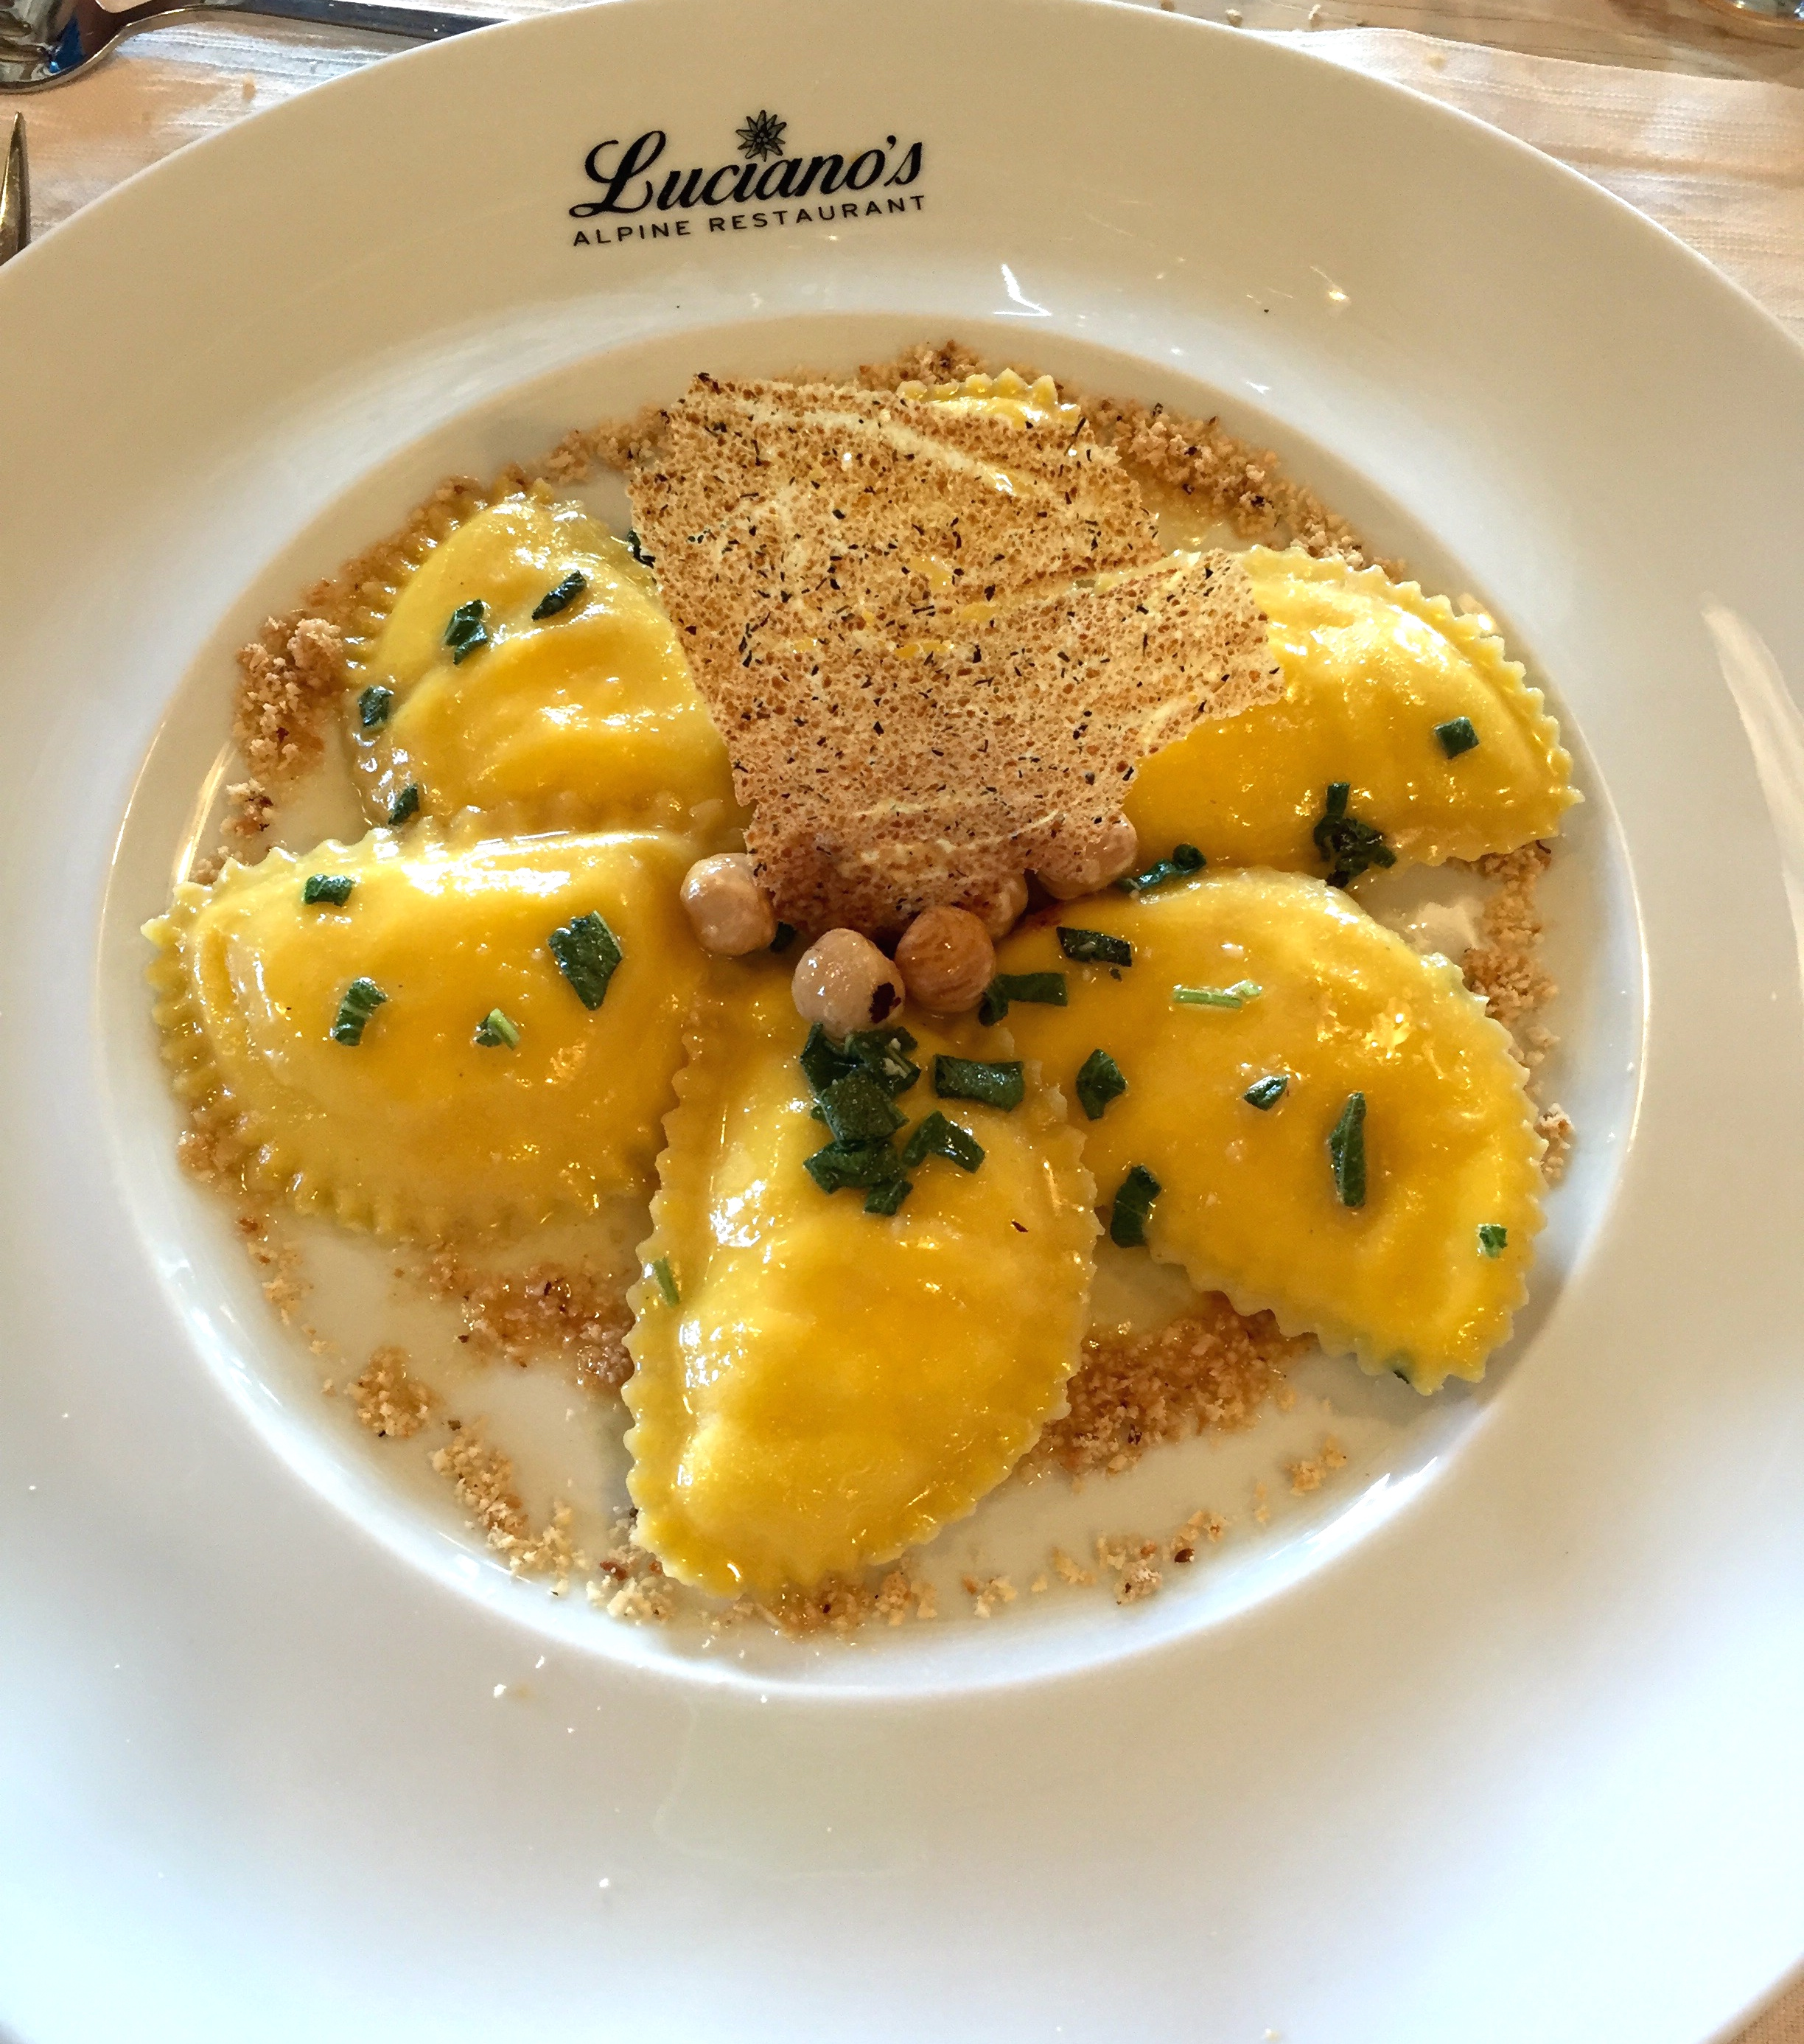 Luciano's Alpine Restaurant: tradizione culinaria